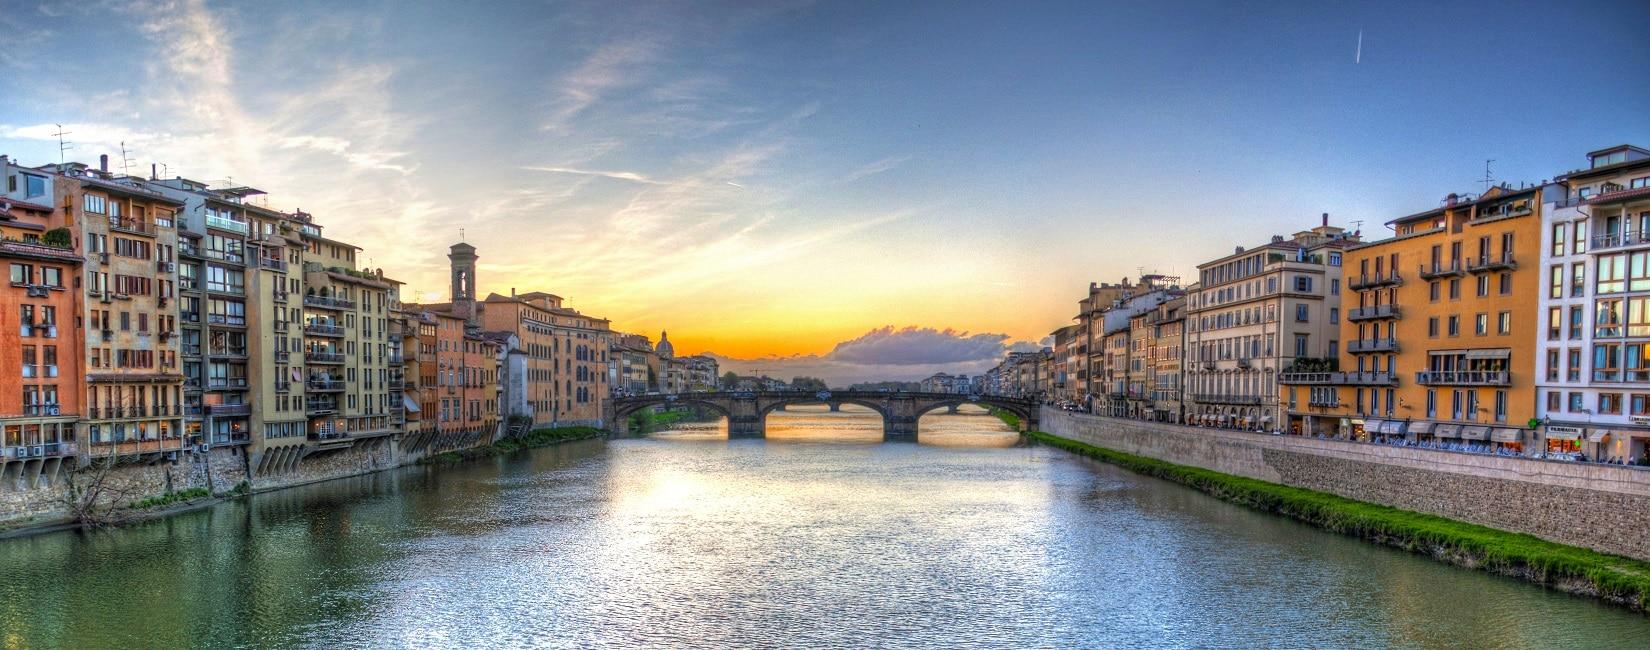 Tourisme florence d couvrir la ville - Brunico italie office du tourisme ...